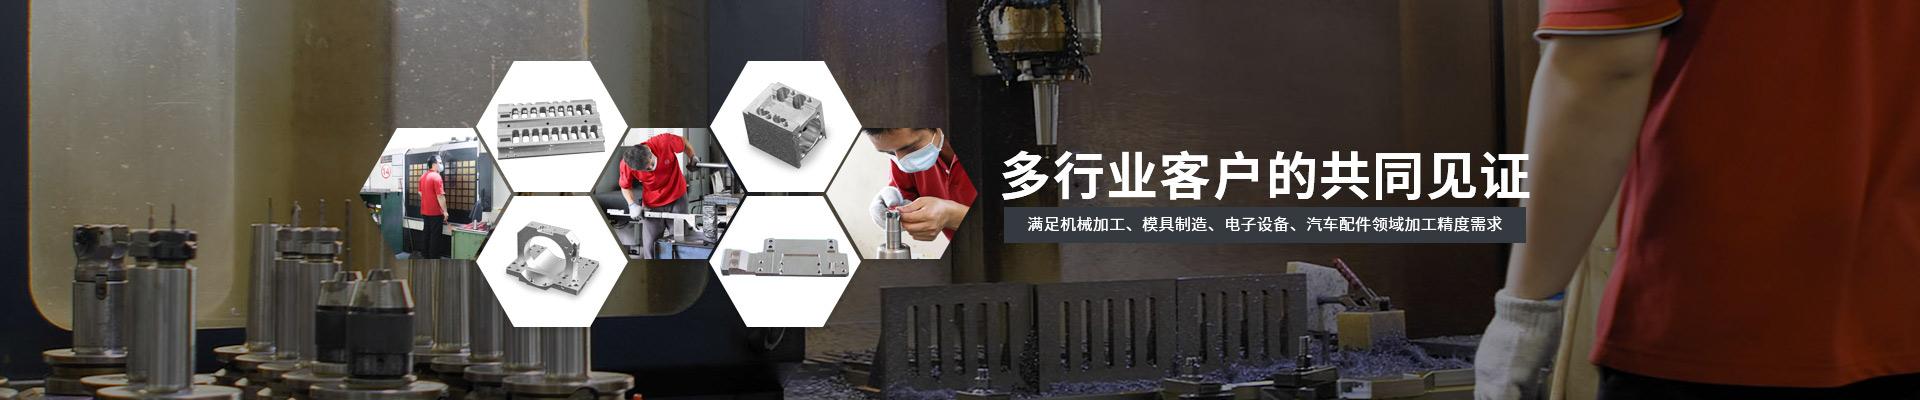 乐麒腾-多行业客户的共同见证